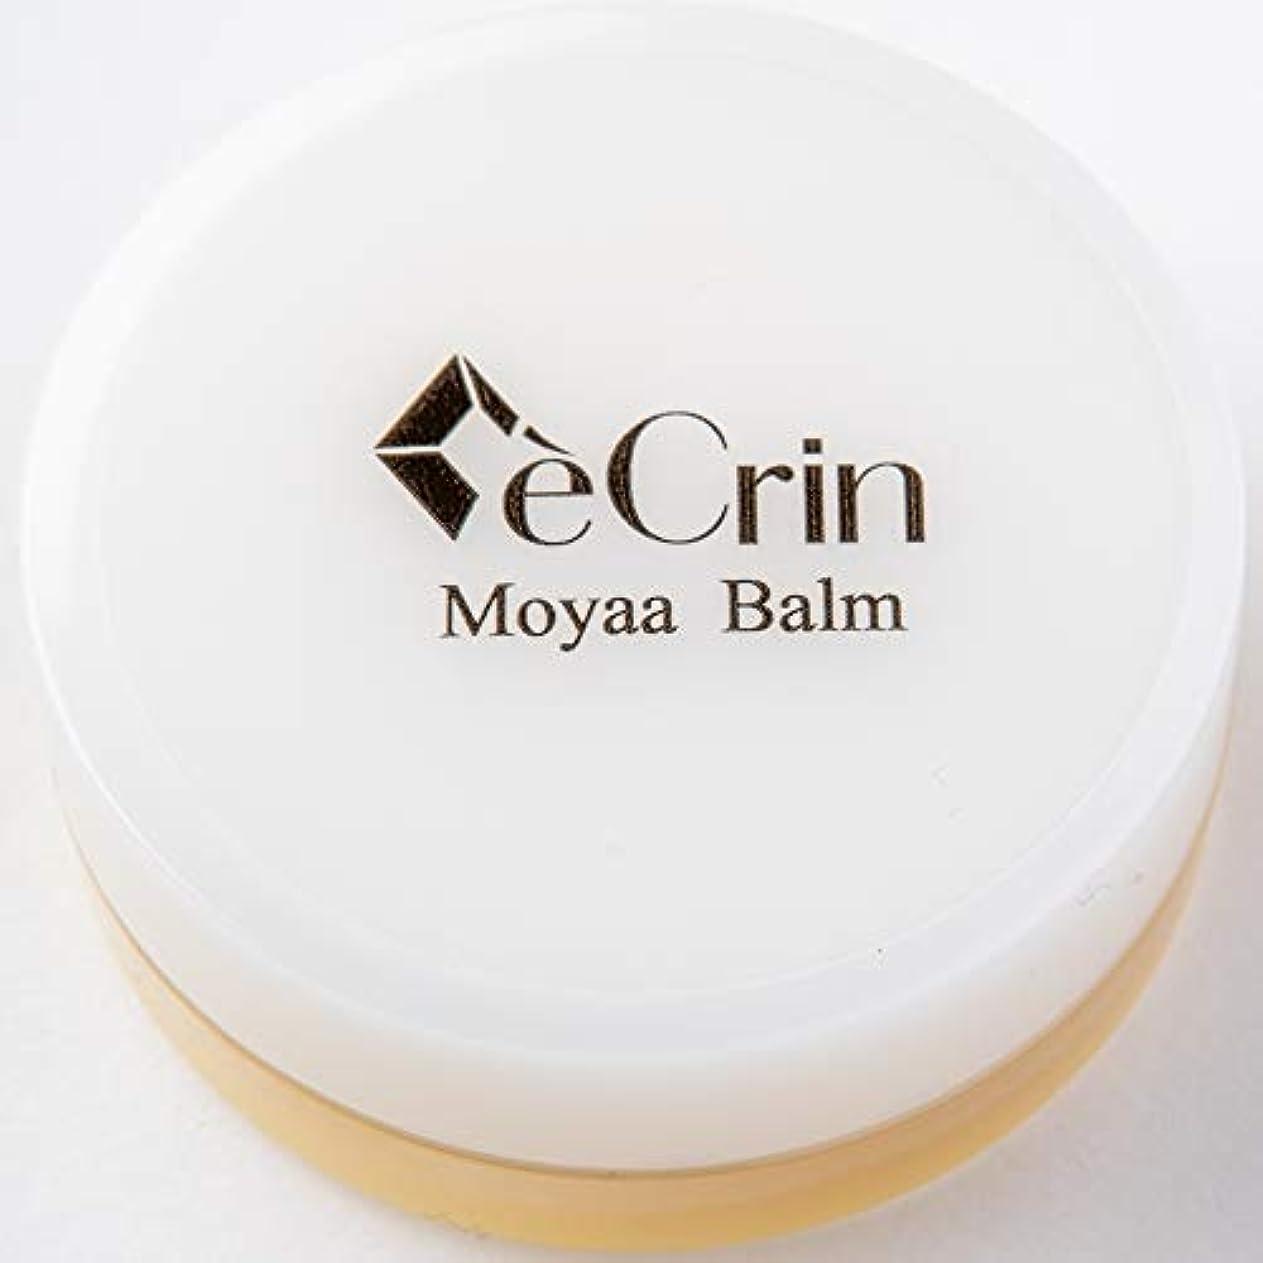 工夫する通路コンベンションMoyaa Balm (モーヤバーム)天然成分のみで仕上げたシアバター white 無添加 天然成分100%